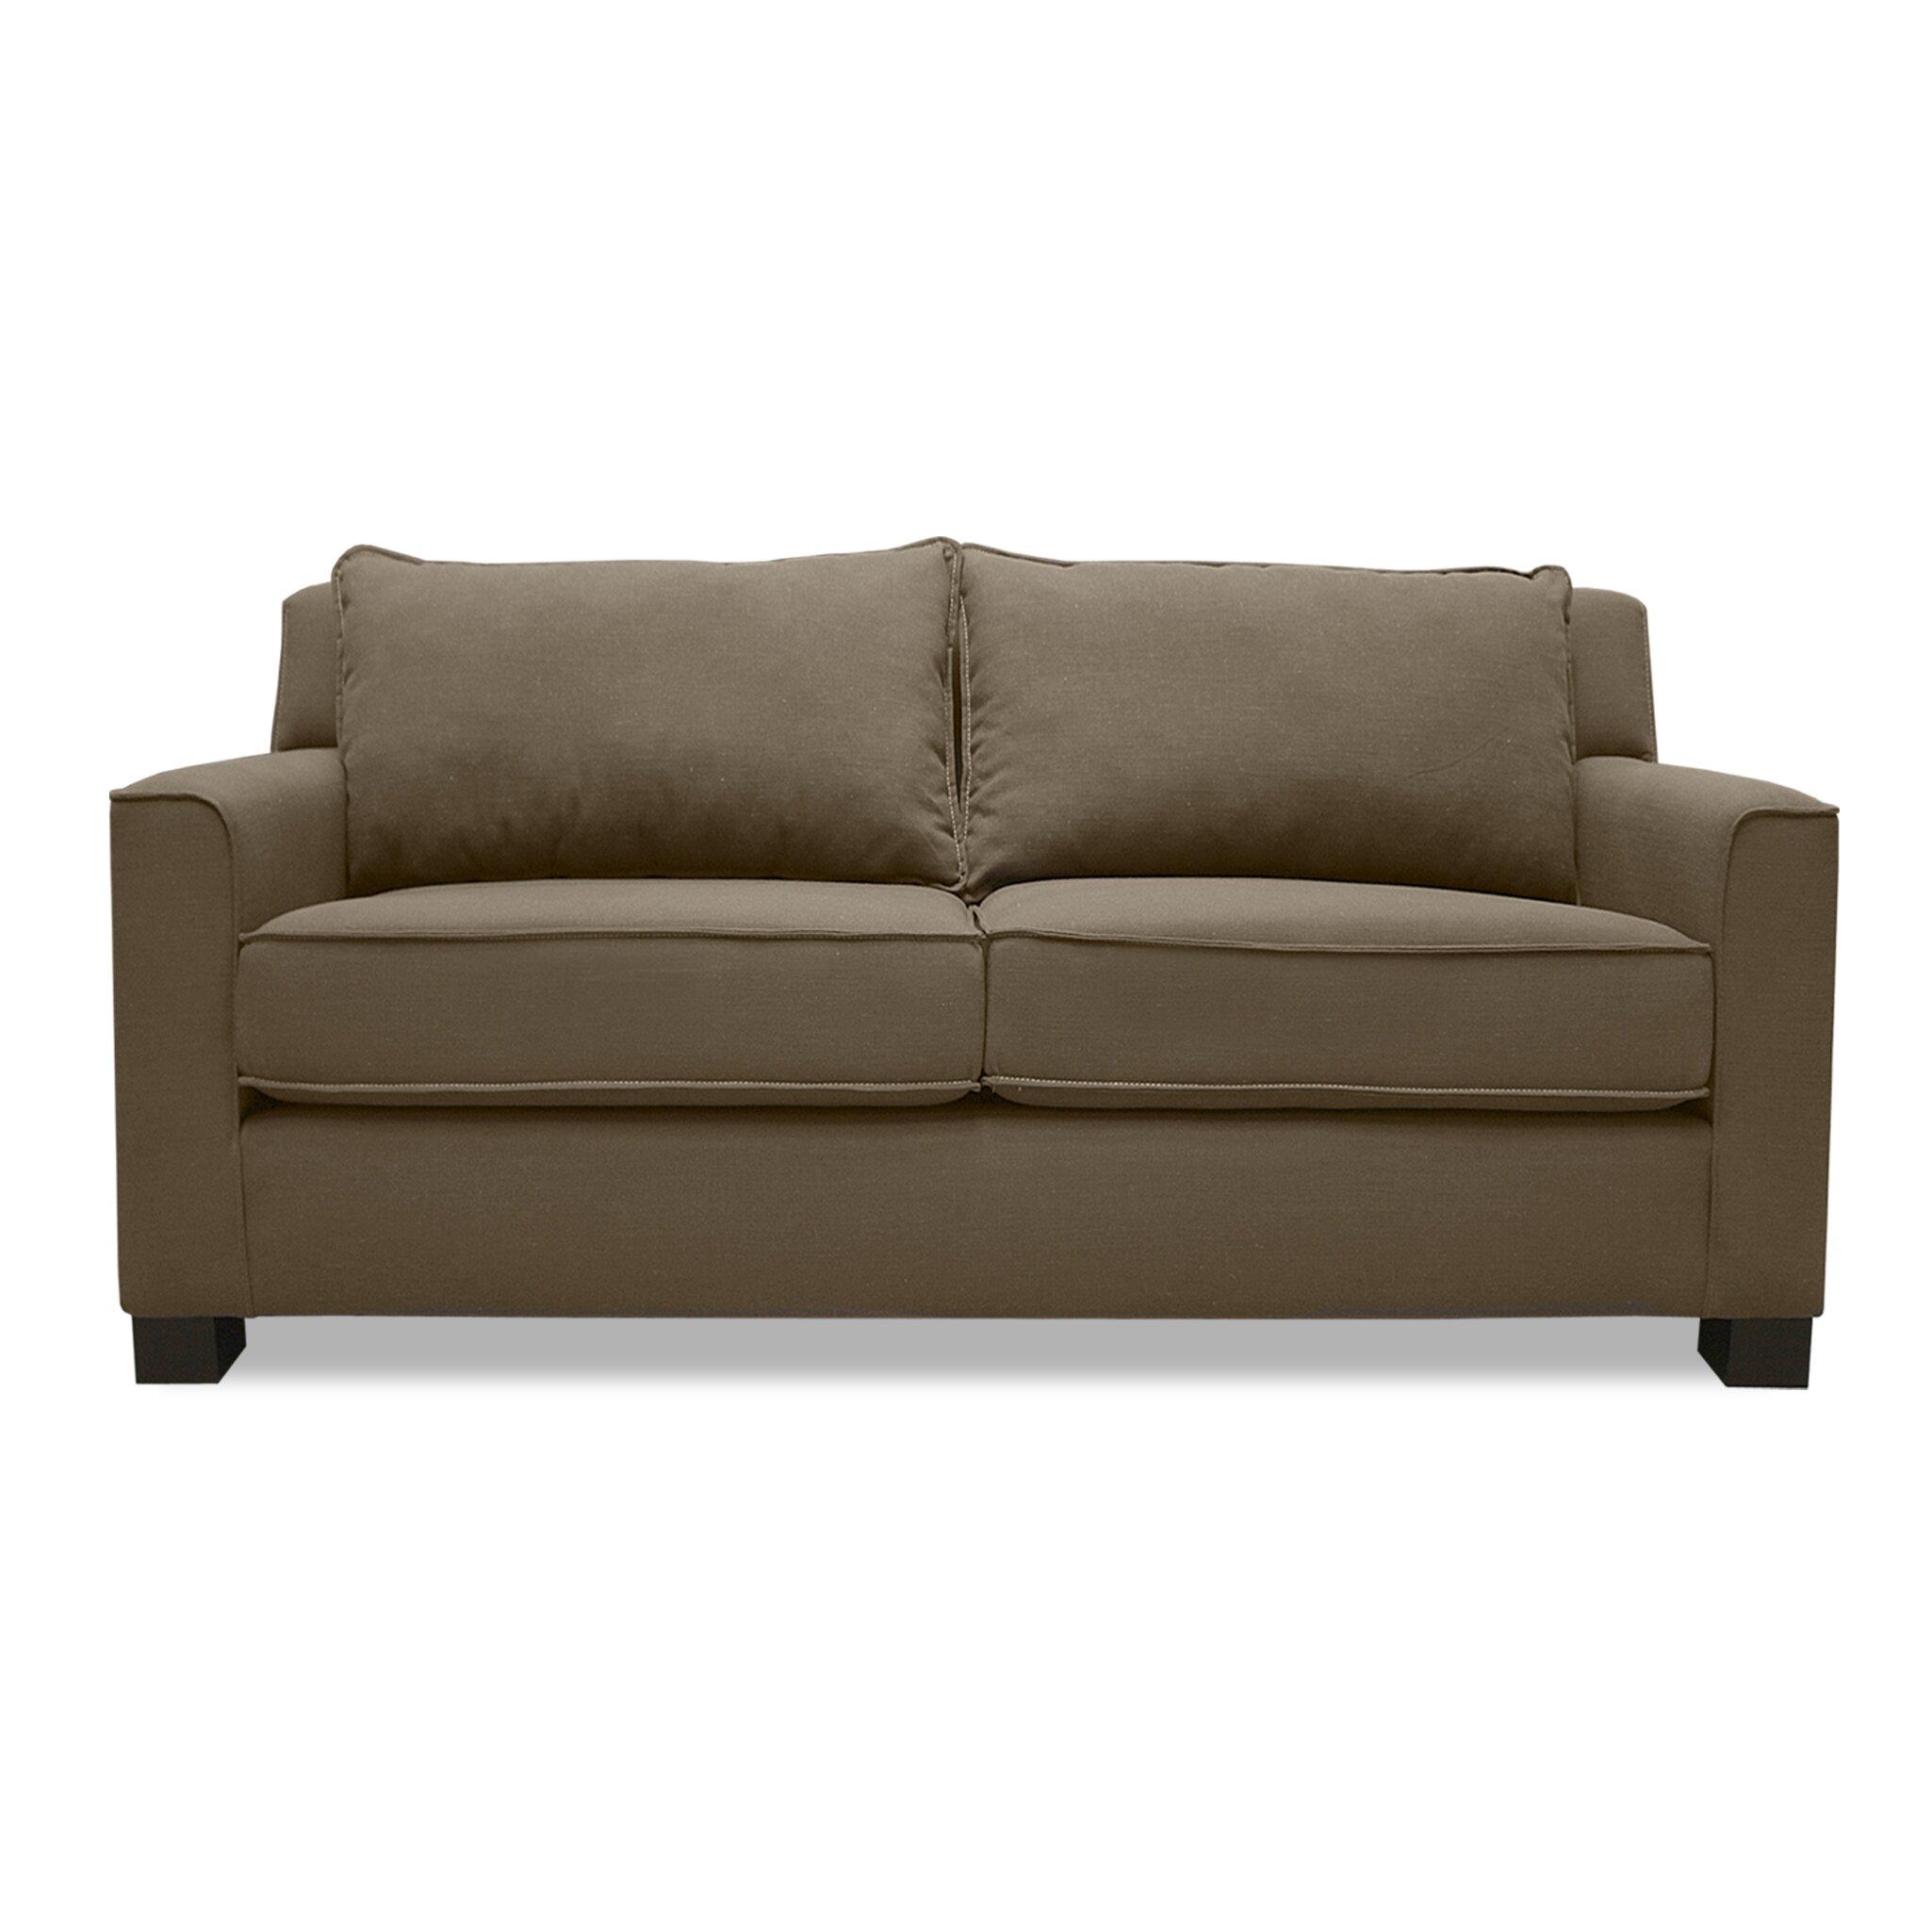 South Cone Home Linton Sofa Wayfair